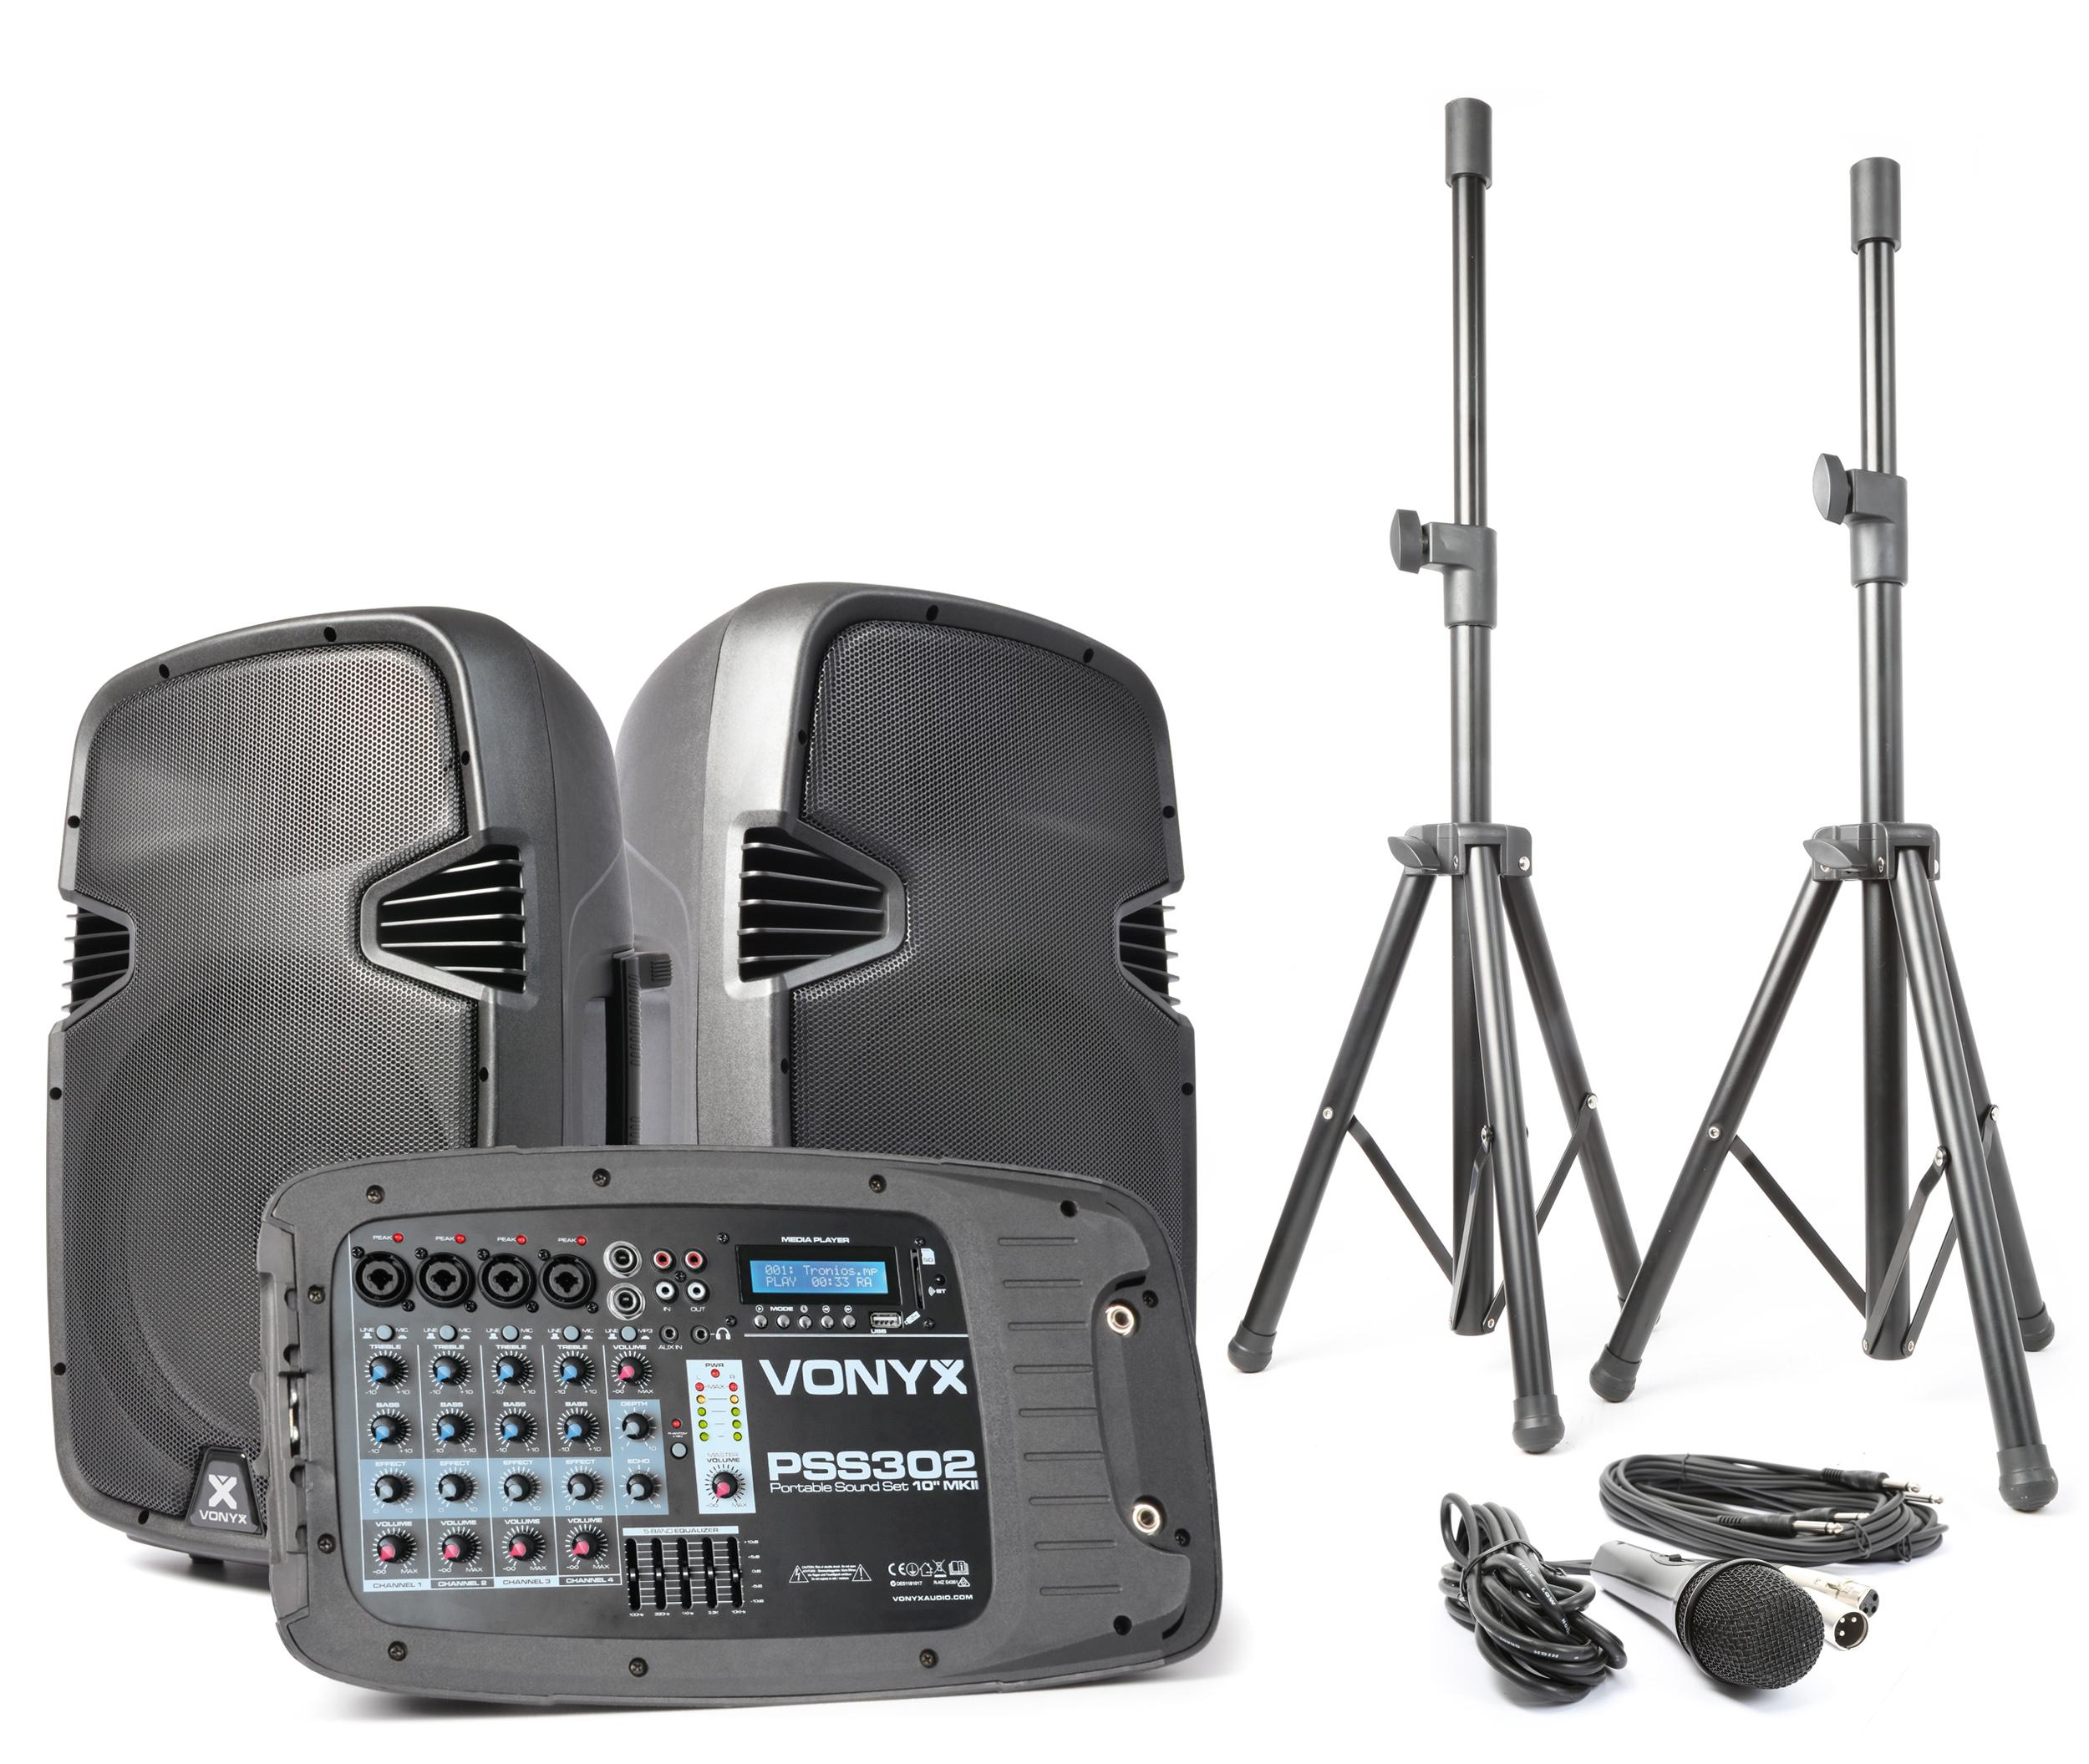 """Vonyx PSS302 mobilní 2x10"""" zvukový systém MP3/BT"""